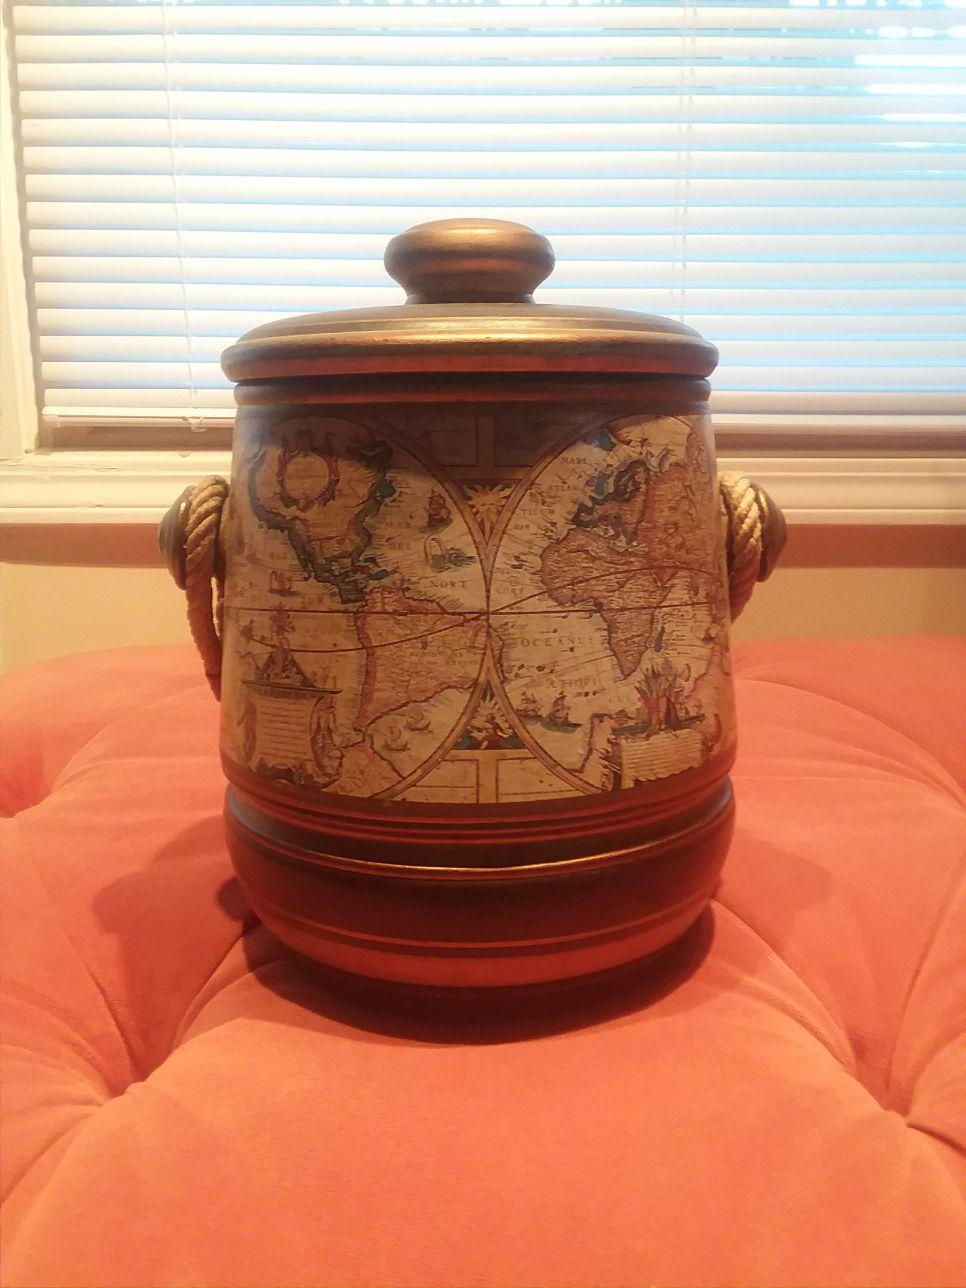 Vintage ceramic cookie jar